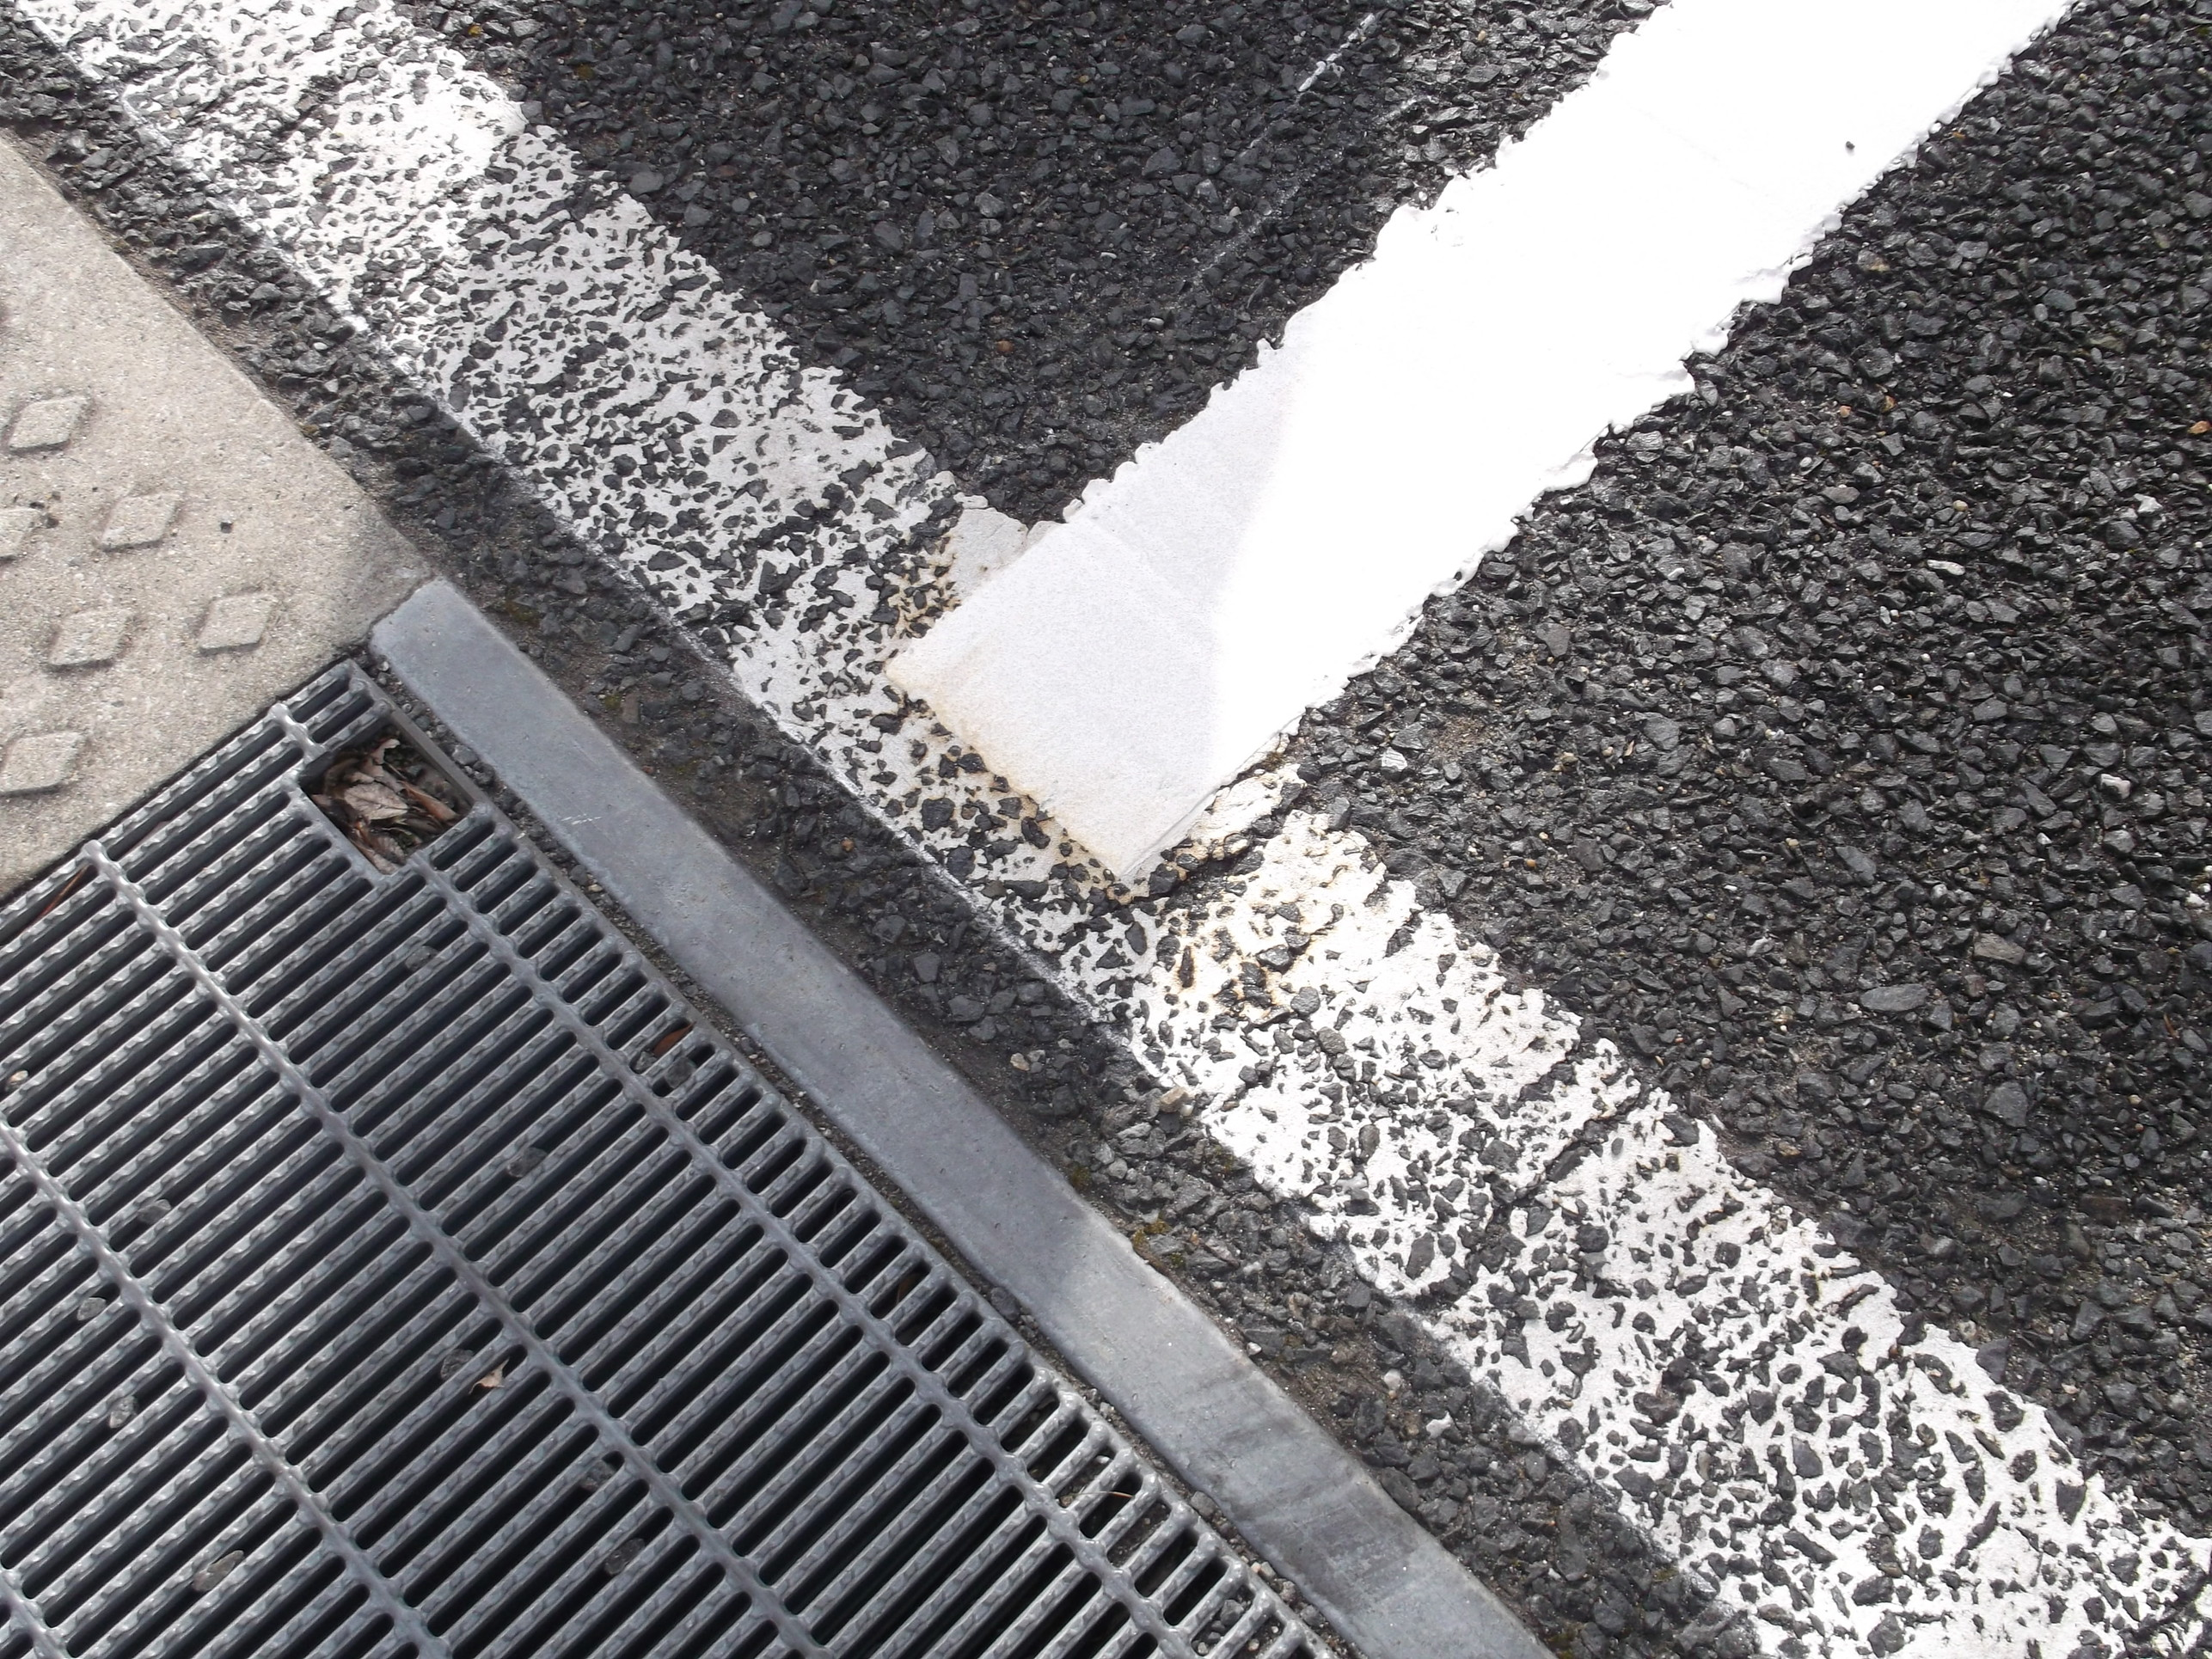 池田市 某施設 駐車場ライン工事イメージ04